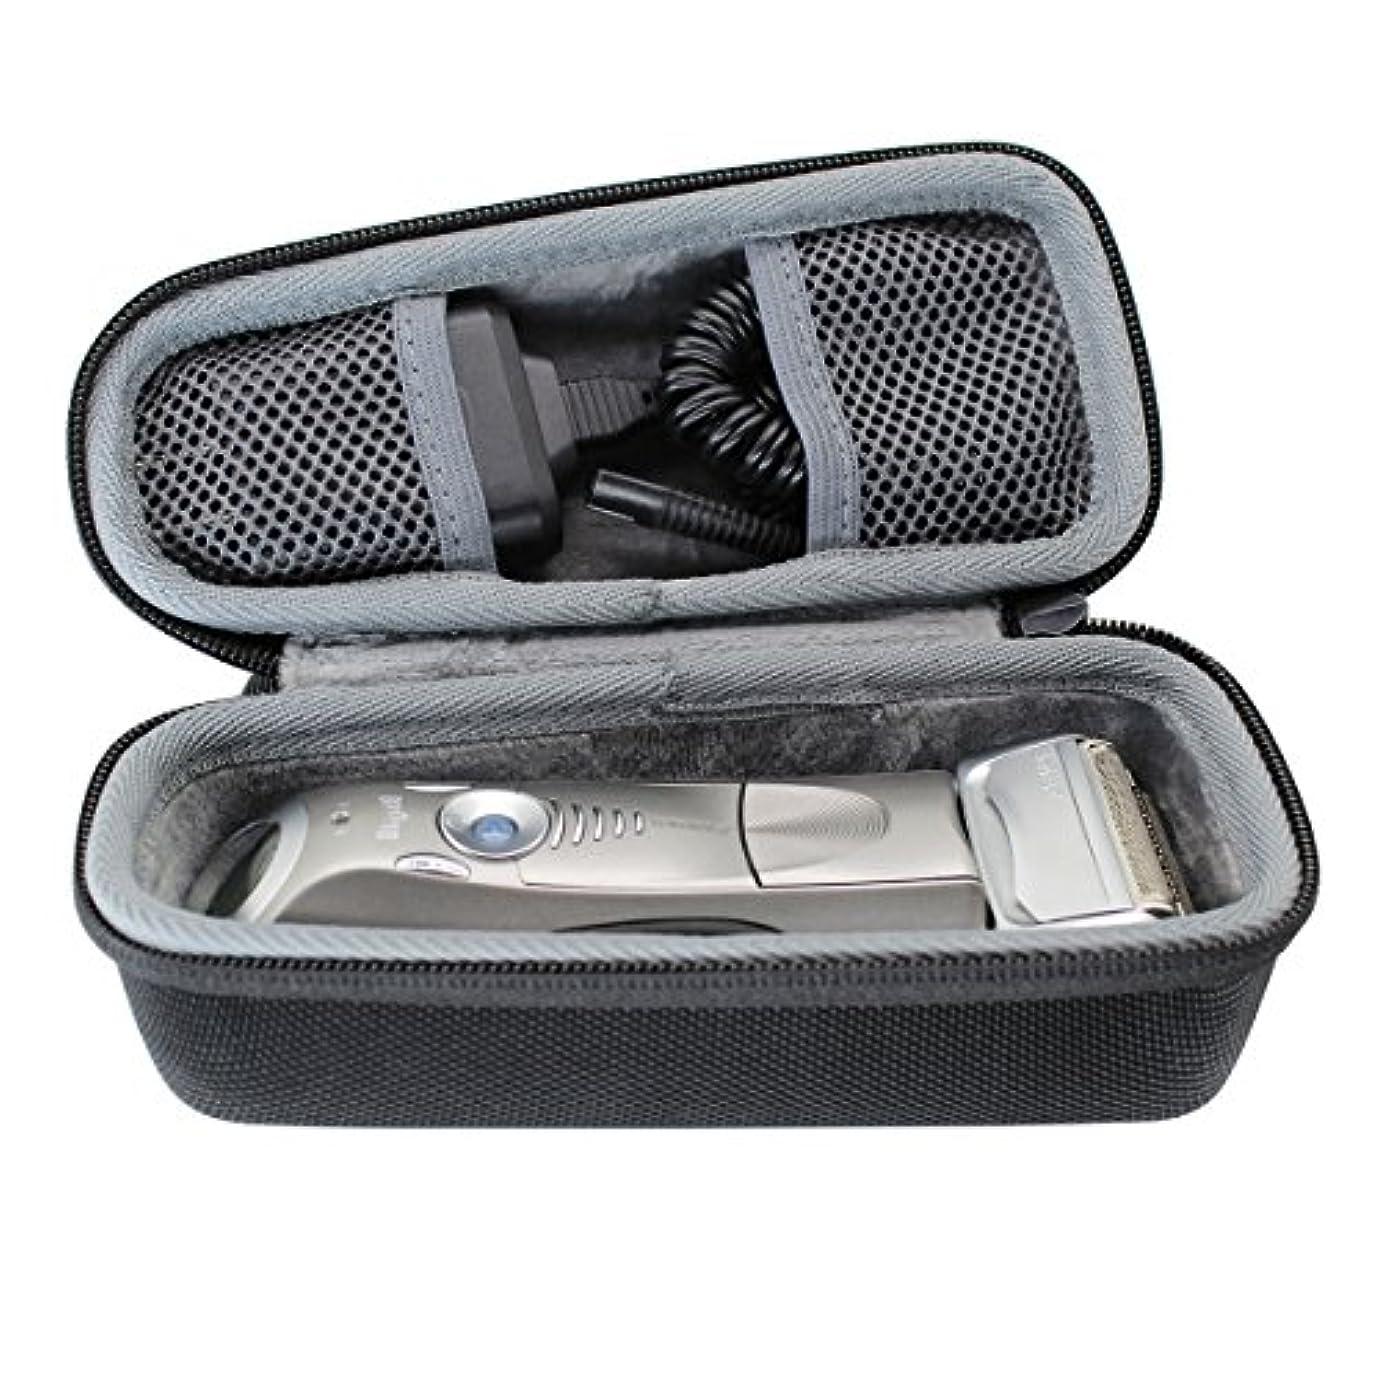 説教する多年生メーカーハードポータブル旅行用ケースブラウン シリーズ5 7 9 メンズ電気シェーバー 5030s 5040s 790cc 9095cc 9292cc-VIVENS